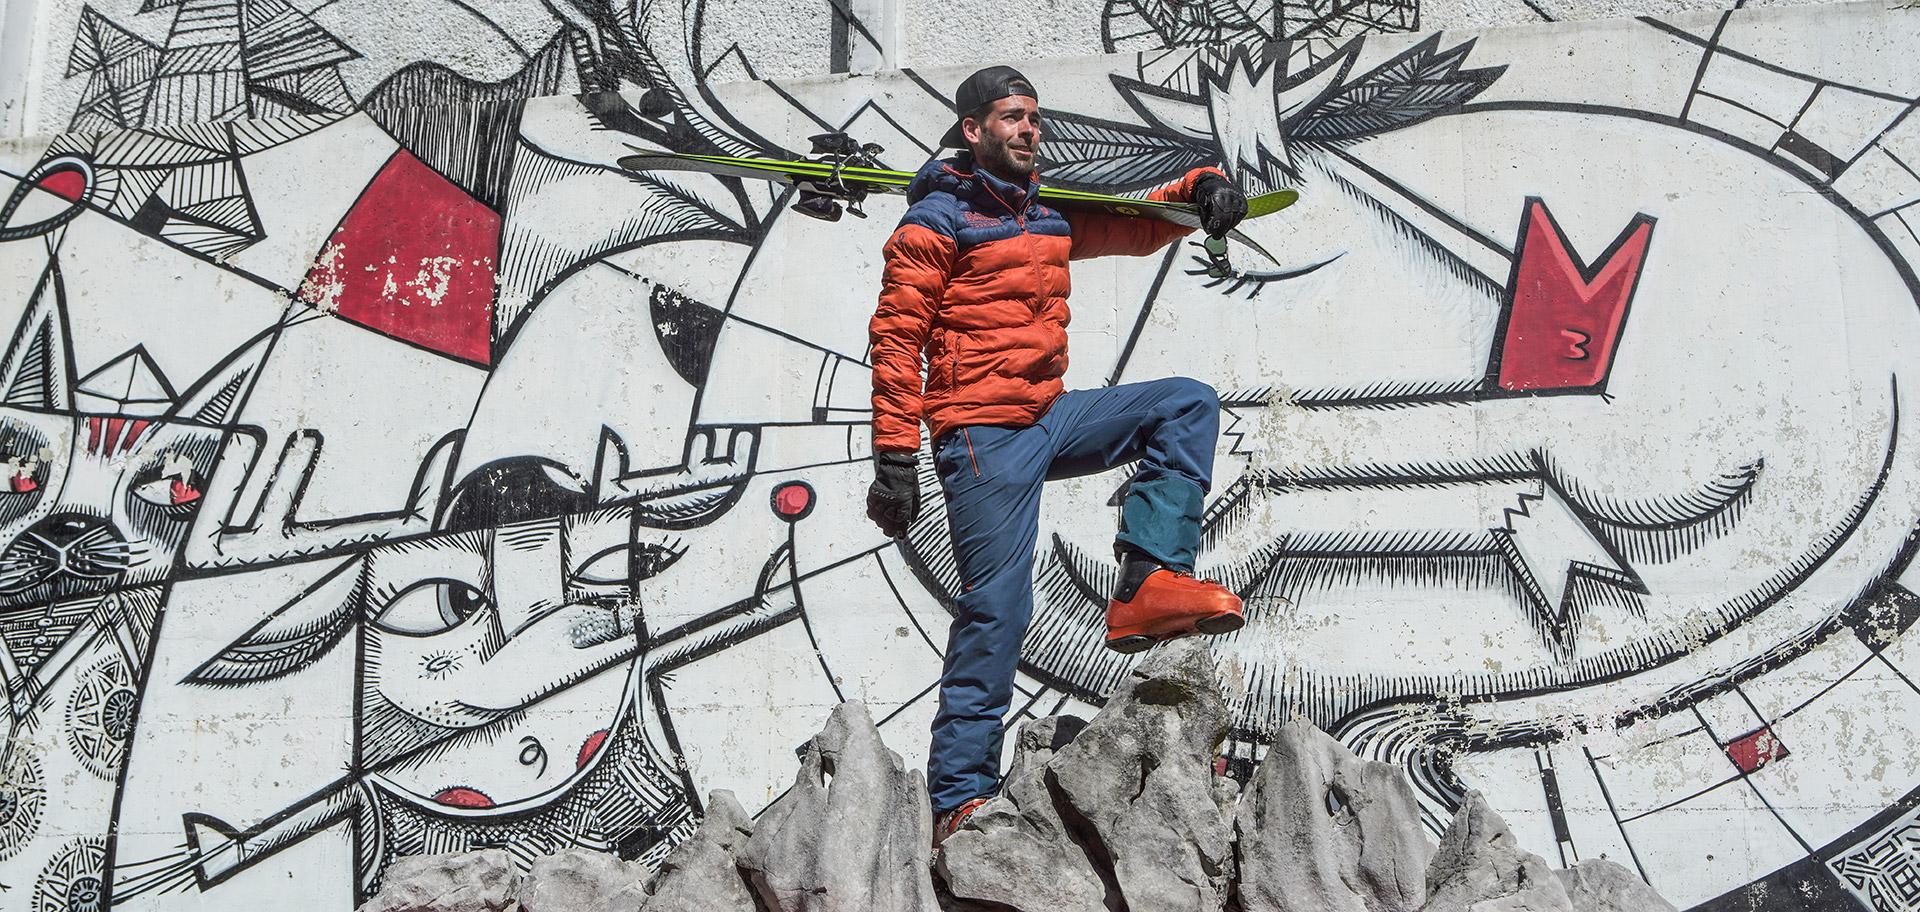 art-vache-ski-144668